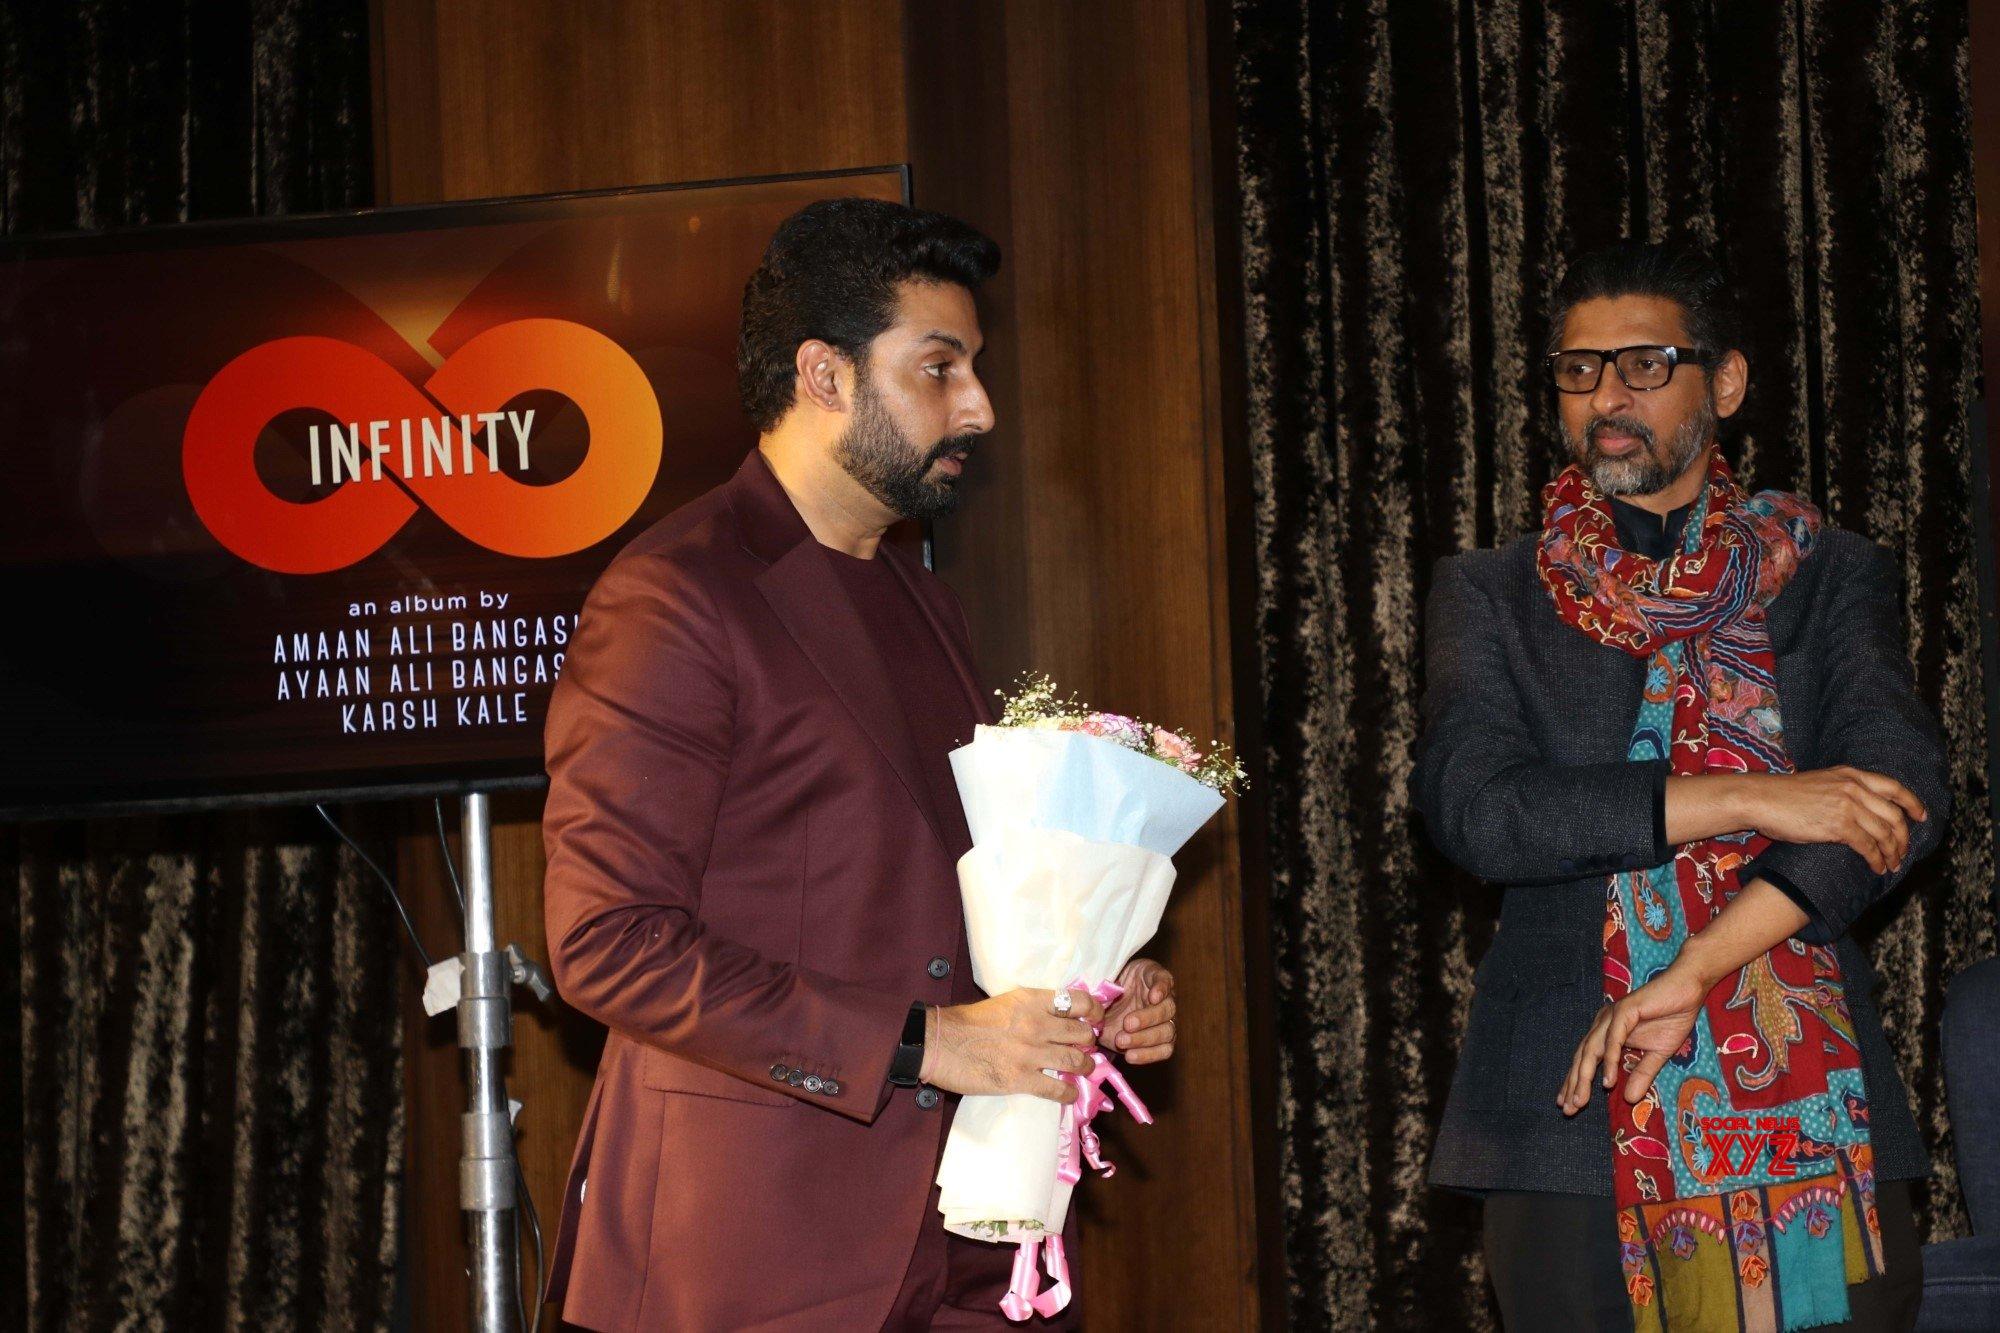 Mumbai: Launch of music album